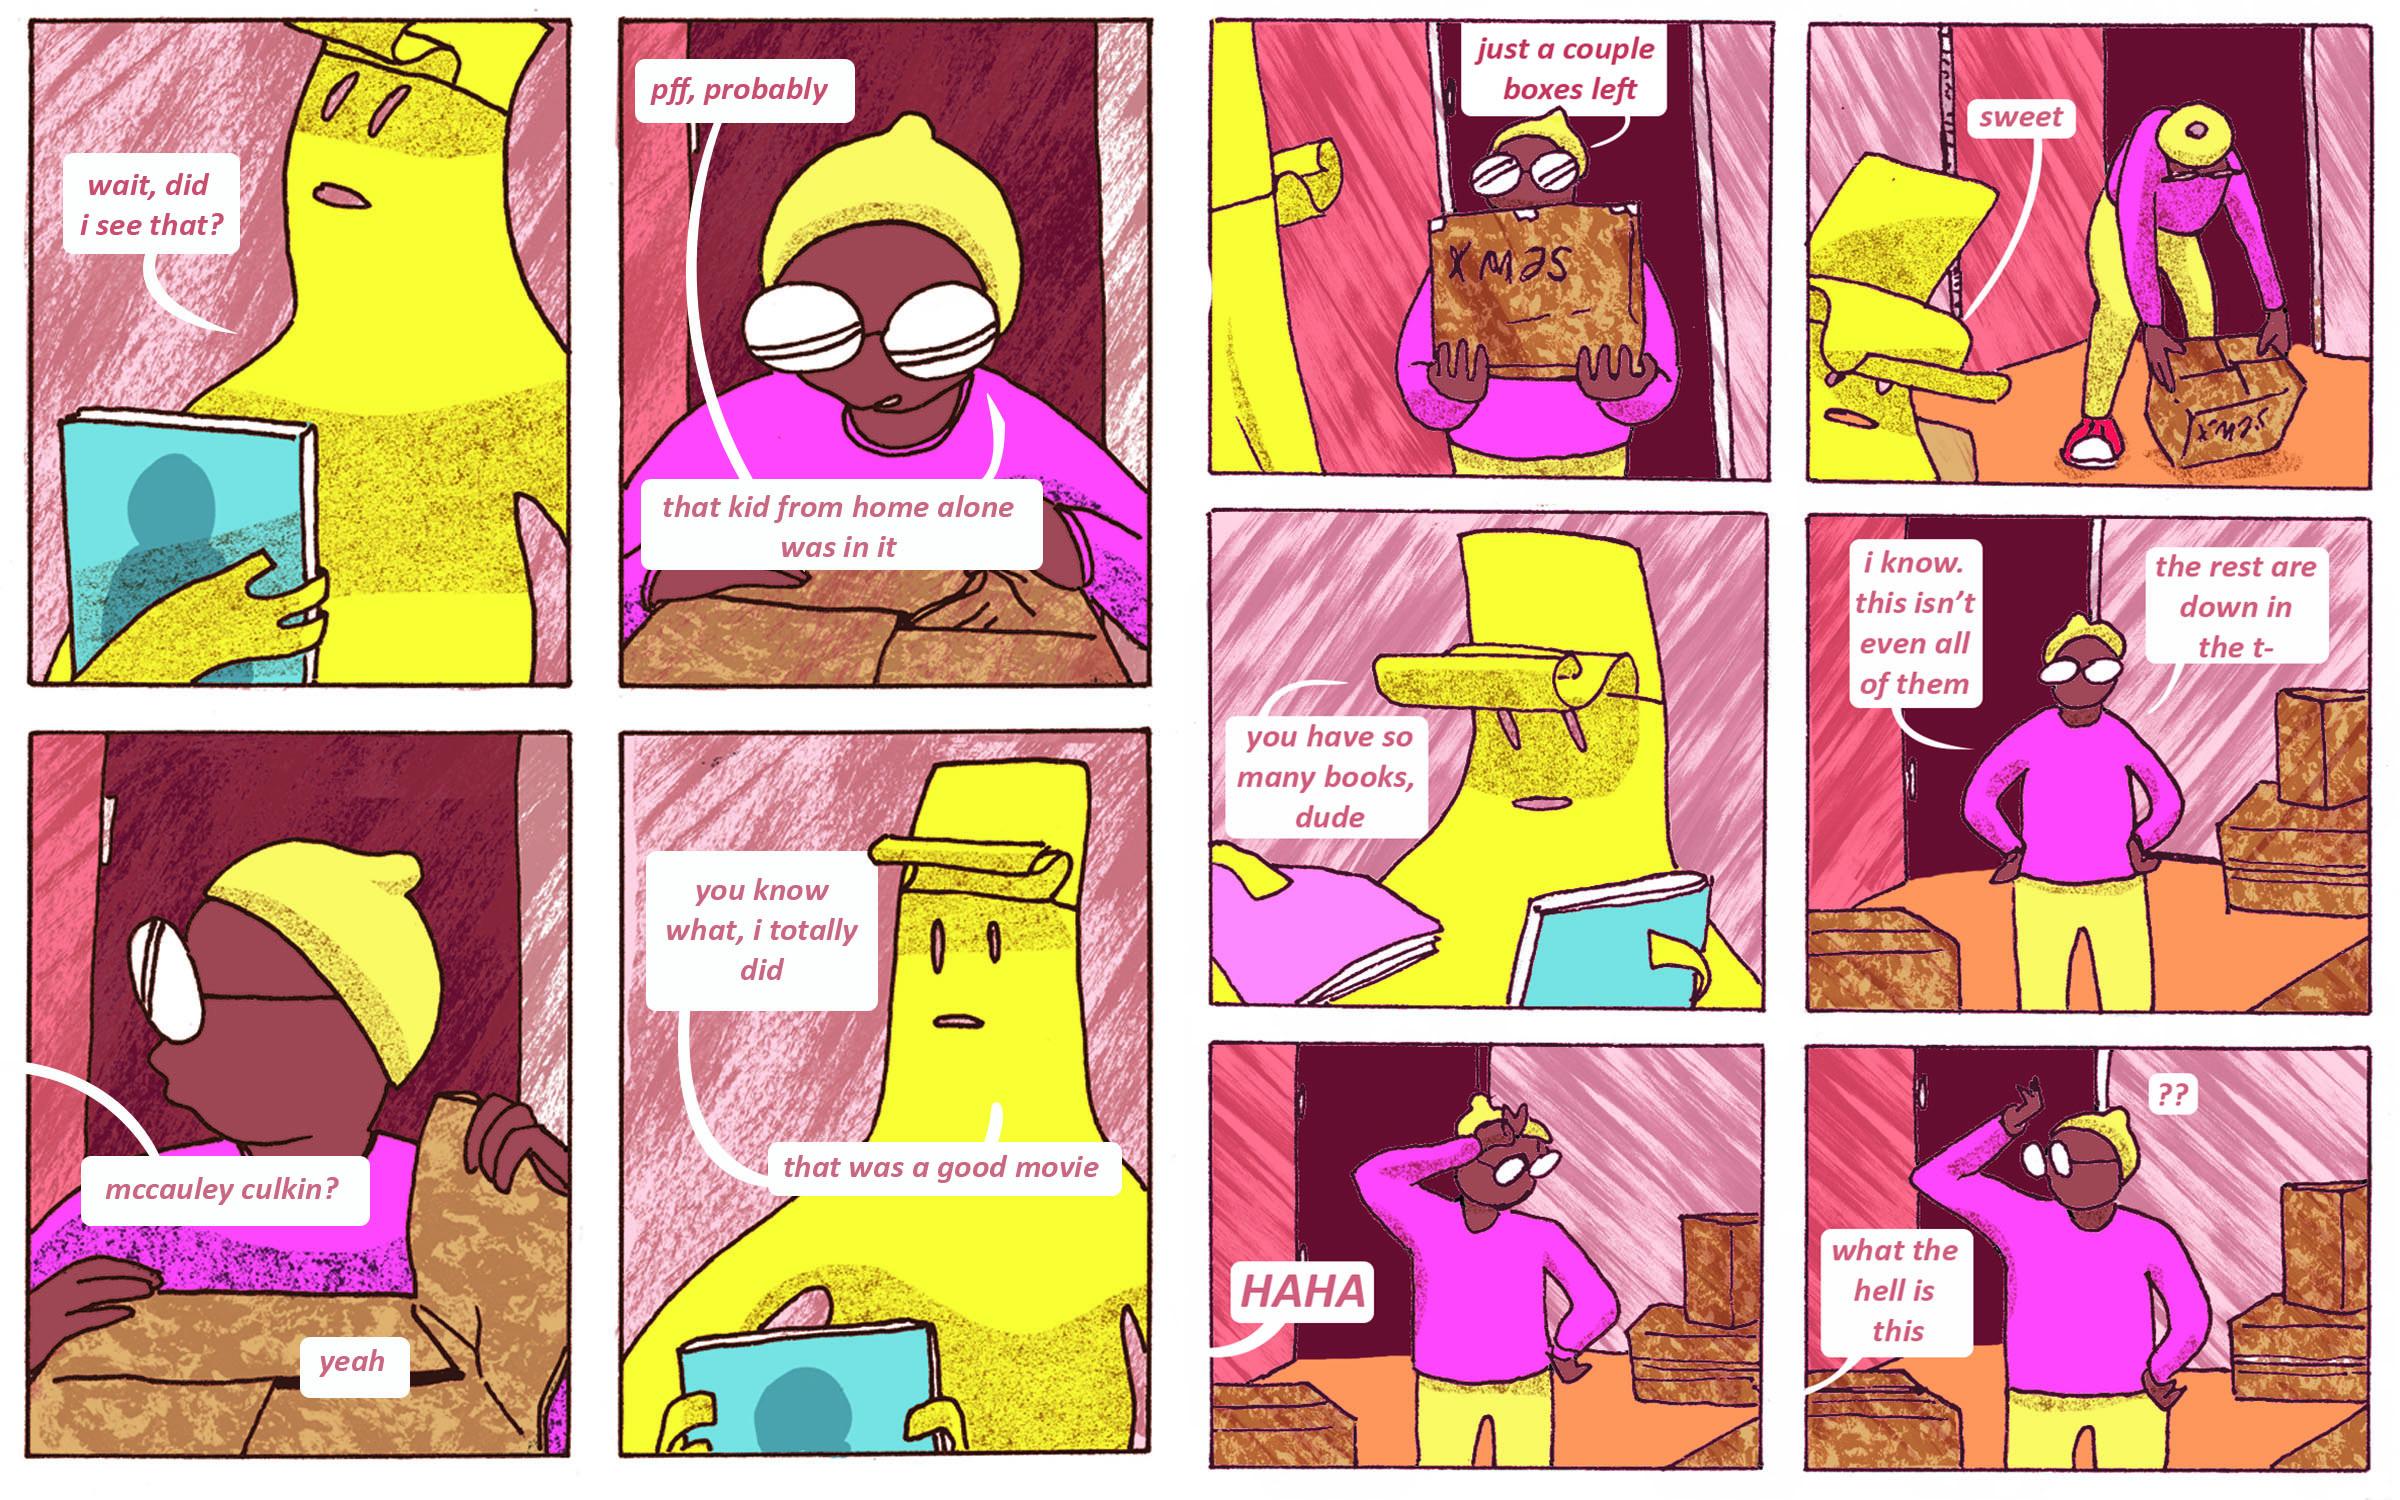 small pg 2-5.jpg